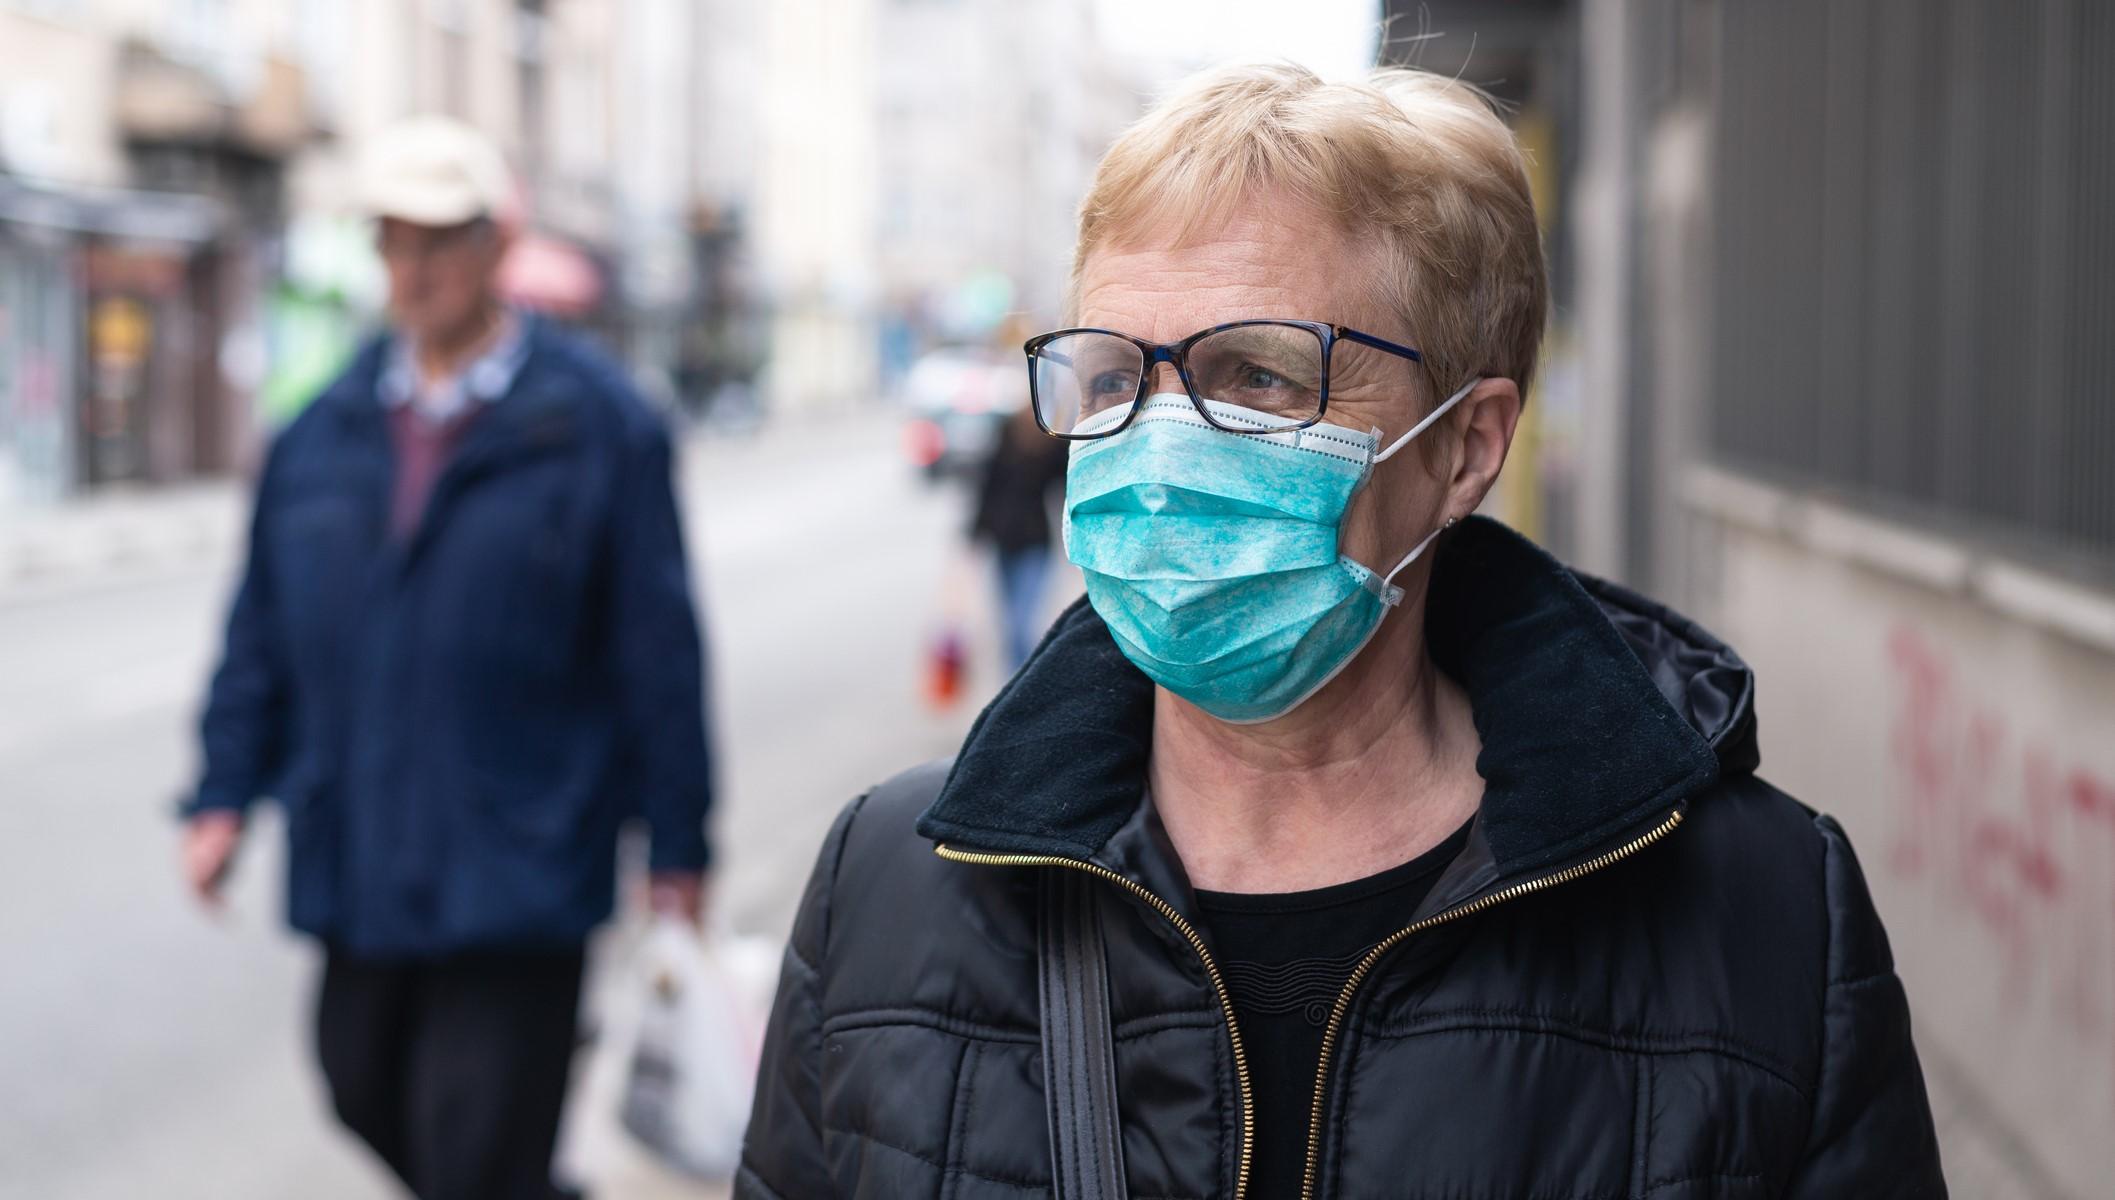 Boutons, migraines, irritations… Comment éviter les petits maux causés par le port du masque ?